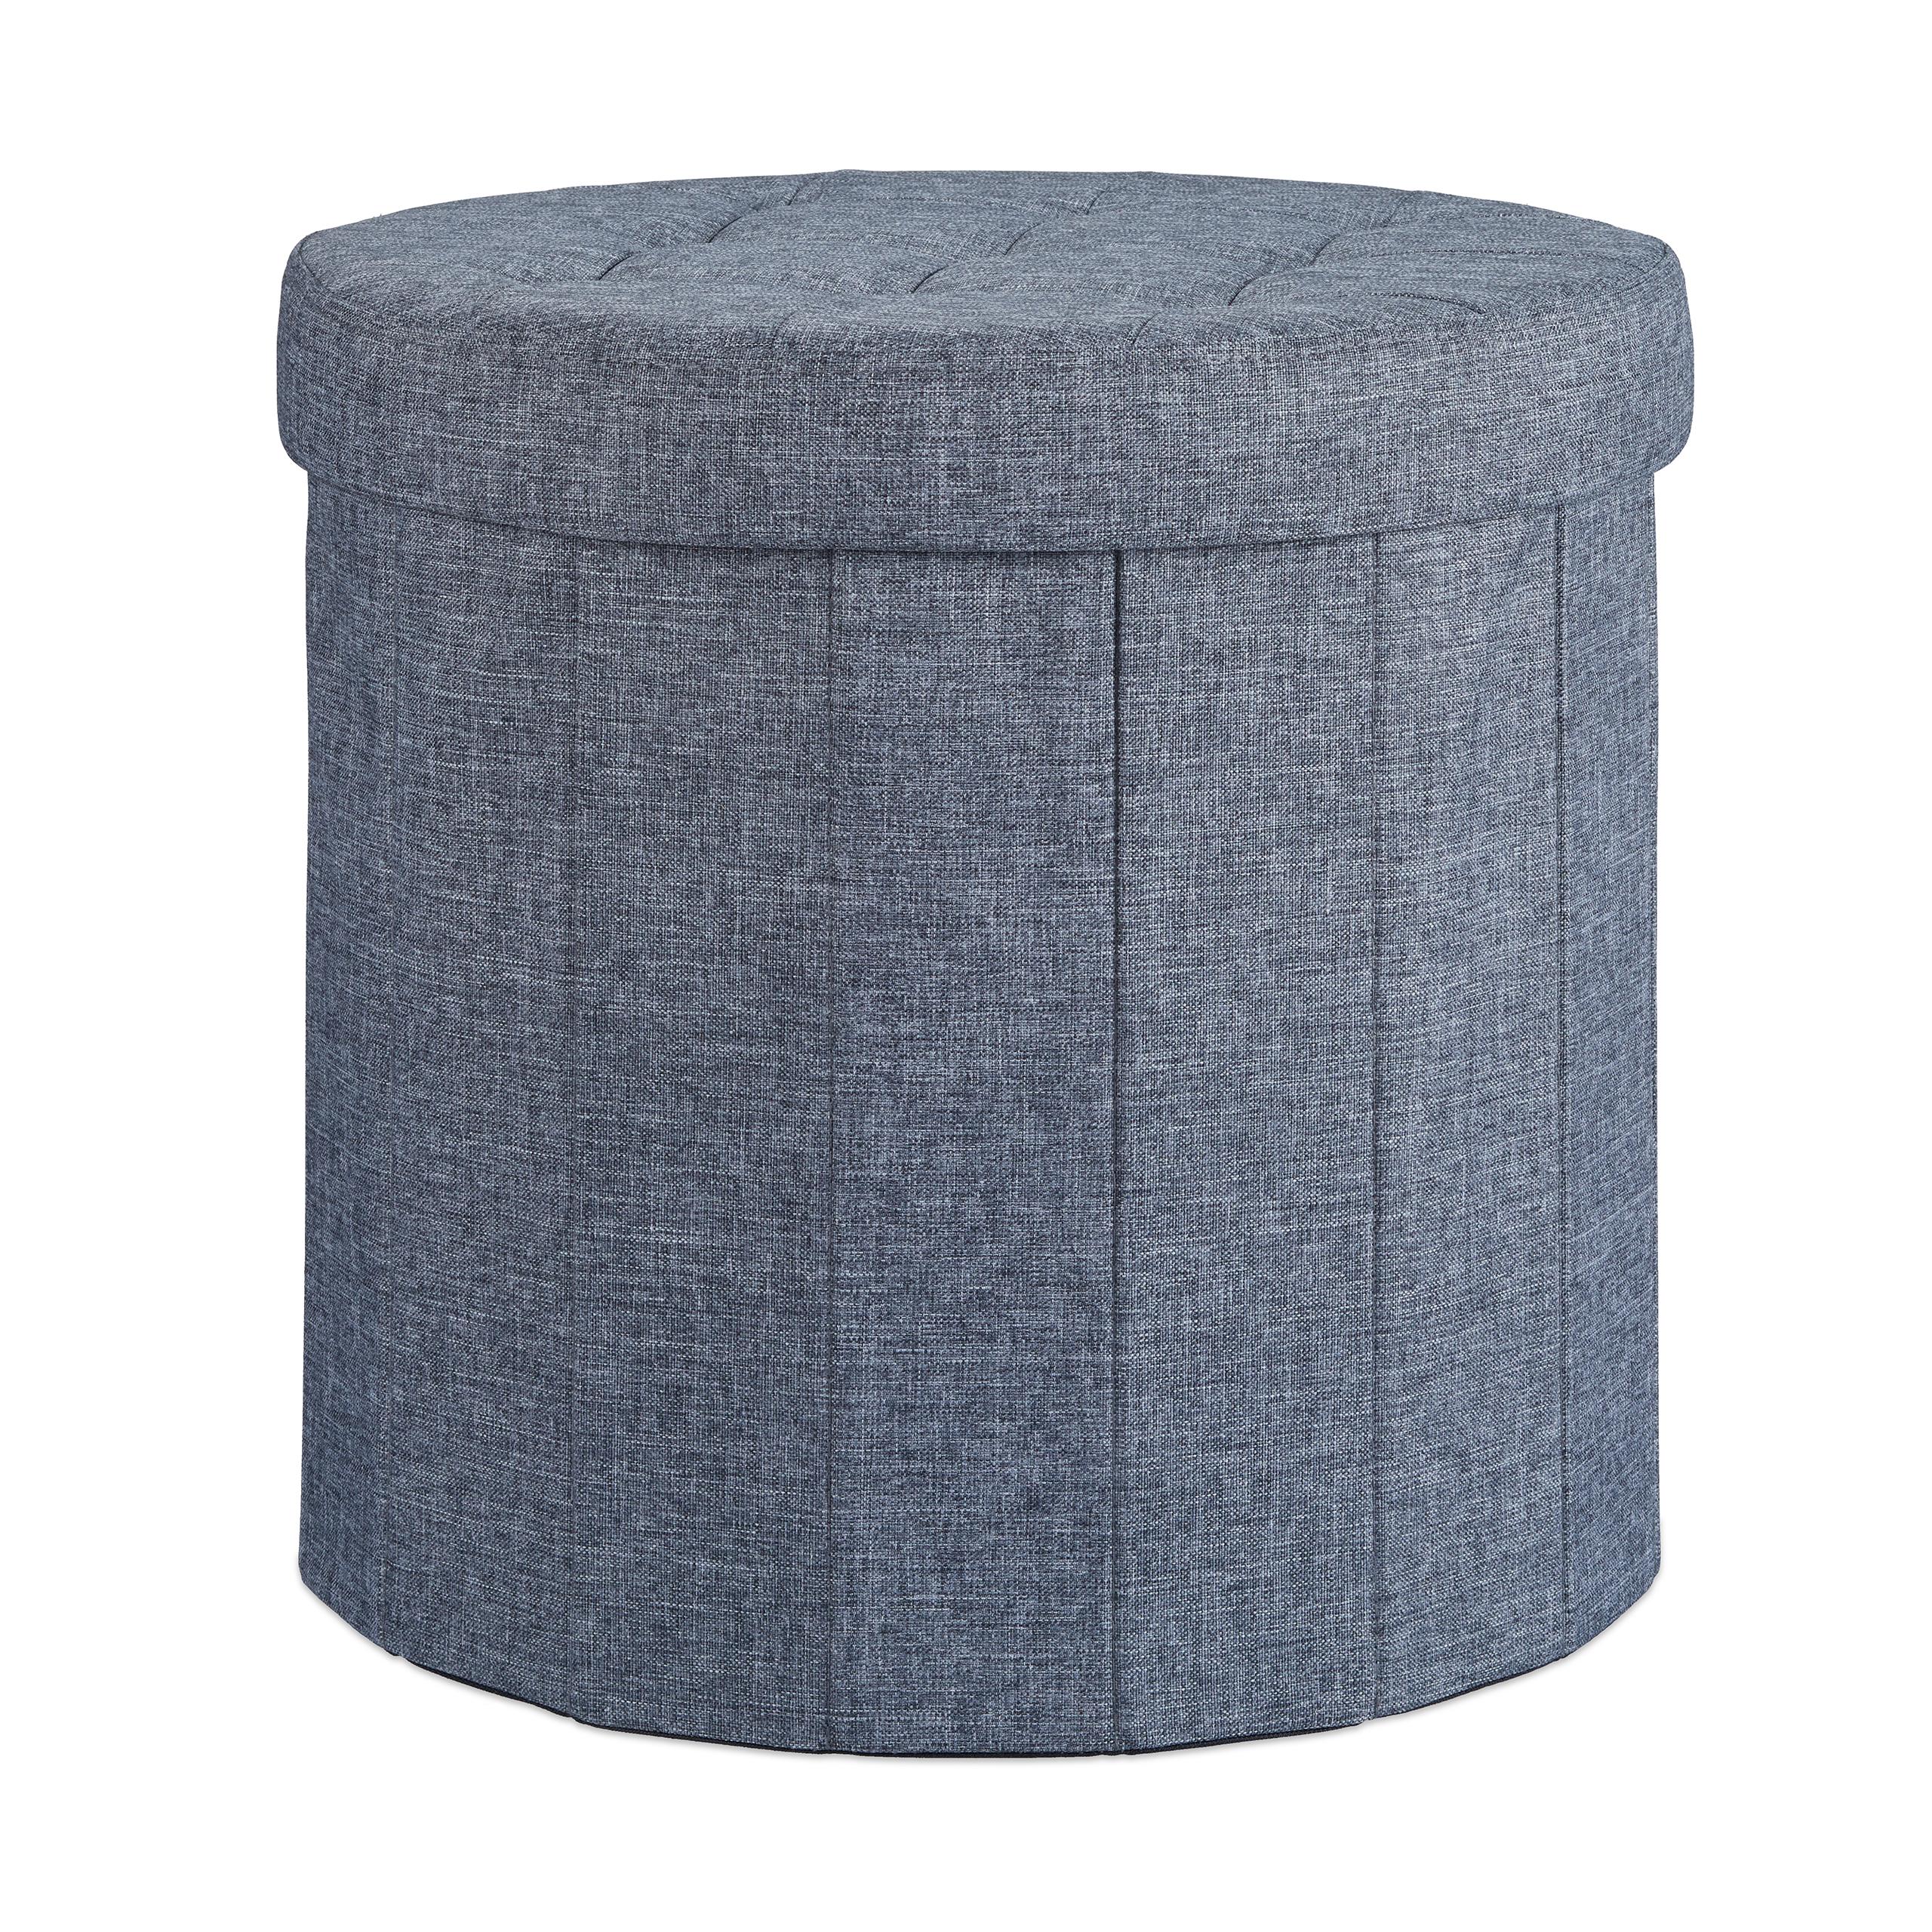 sitzhocker mit stauraum gr e l rund fu hocker fu ablage polsterhocker hocker ebay. Black Bedroom Furniture Sets. Home Design Ideas